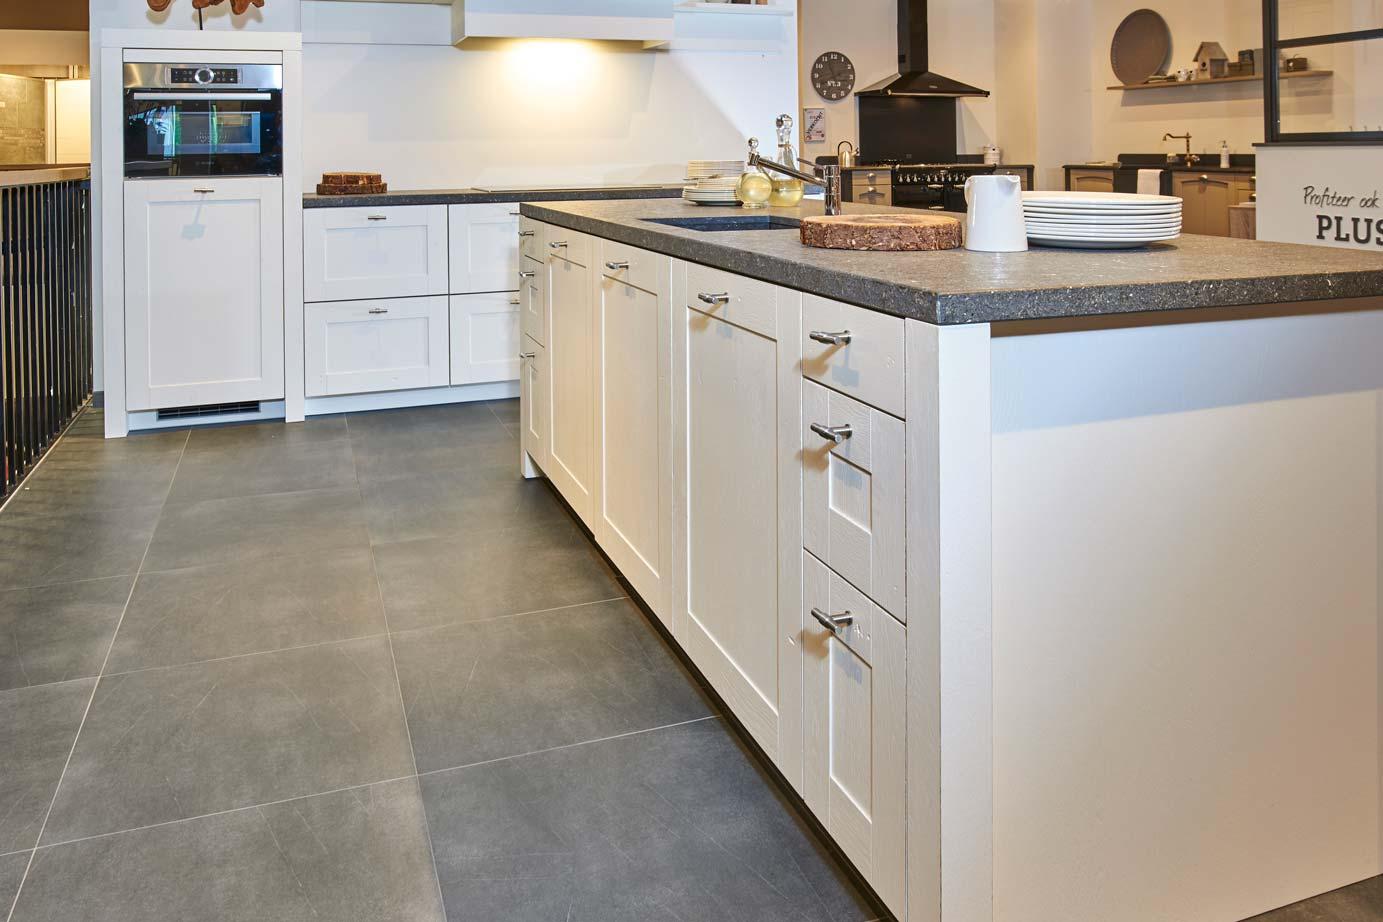 Witte Keuken Landelijk : Landelijke witte keuken met eiland met a merk apparatuur db